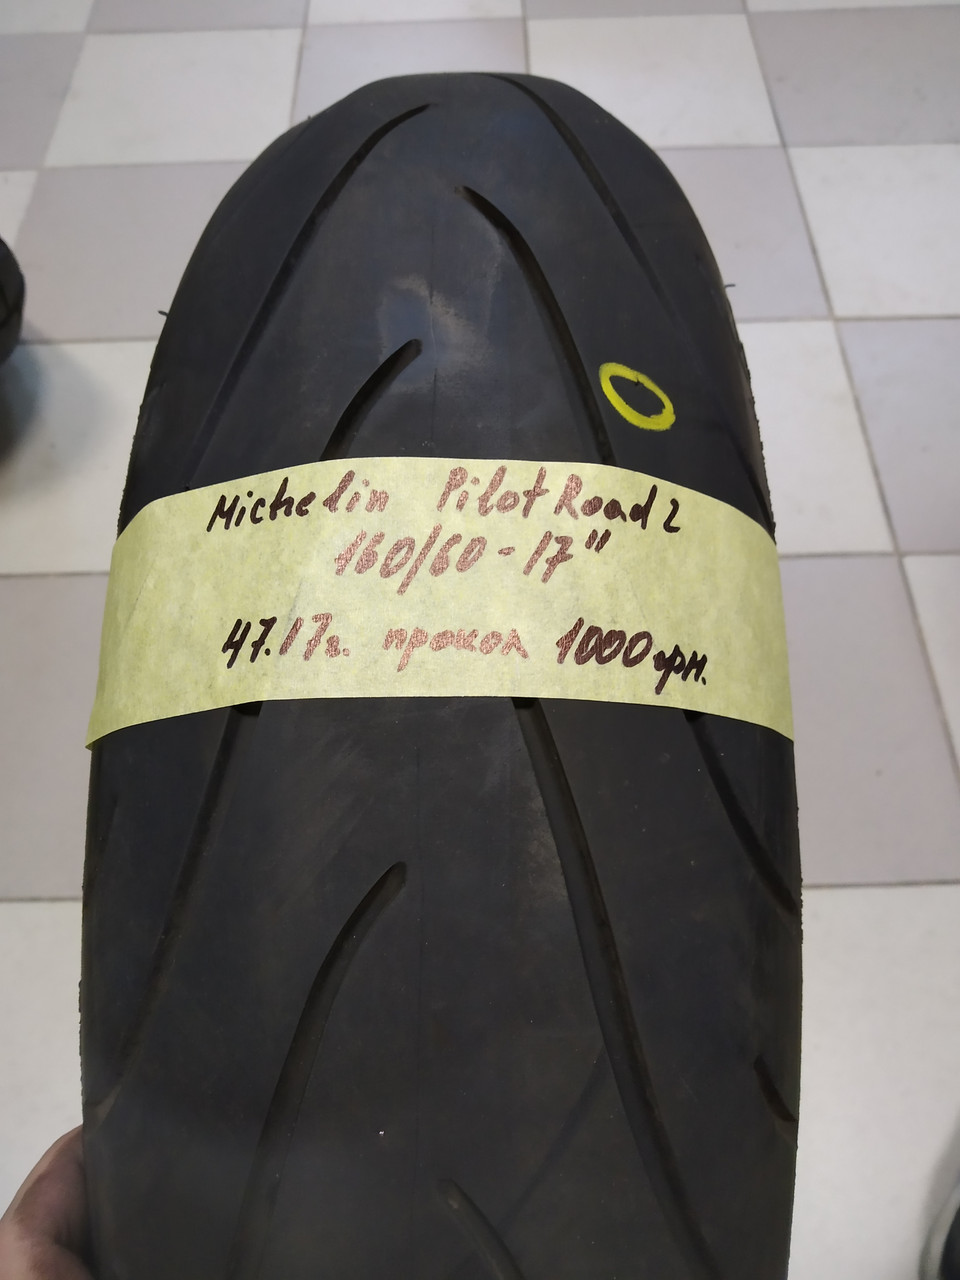 Michlin Pilot Road 2  160 60 17 (47.17) ПРОКОЛ мото шина колесо резина